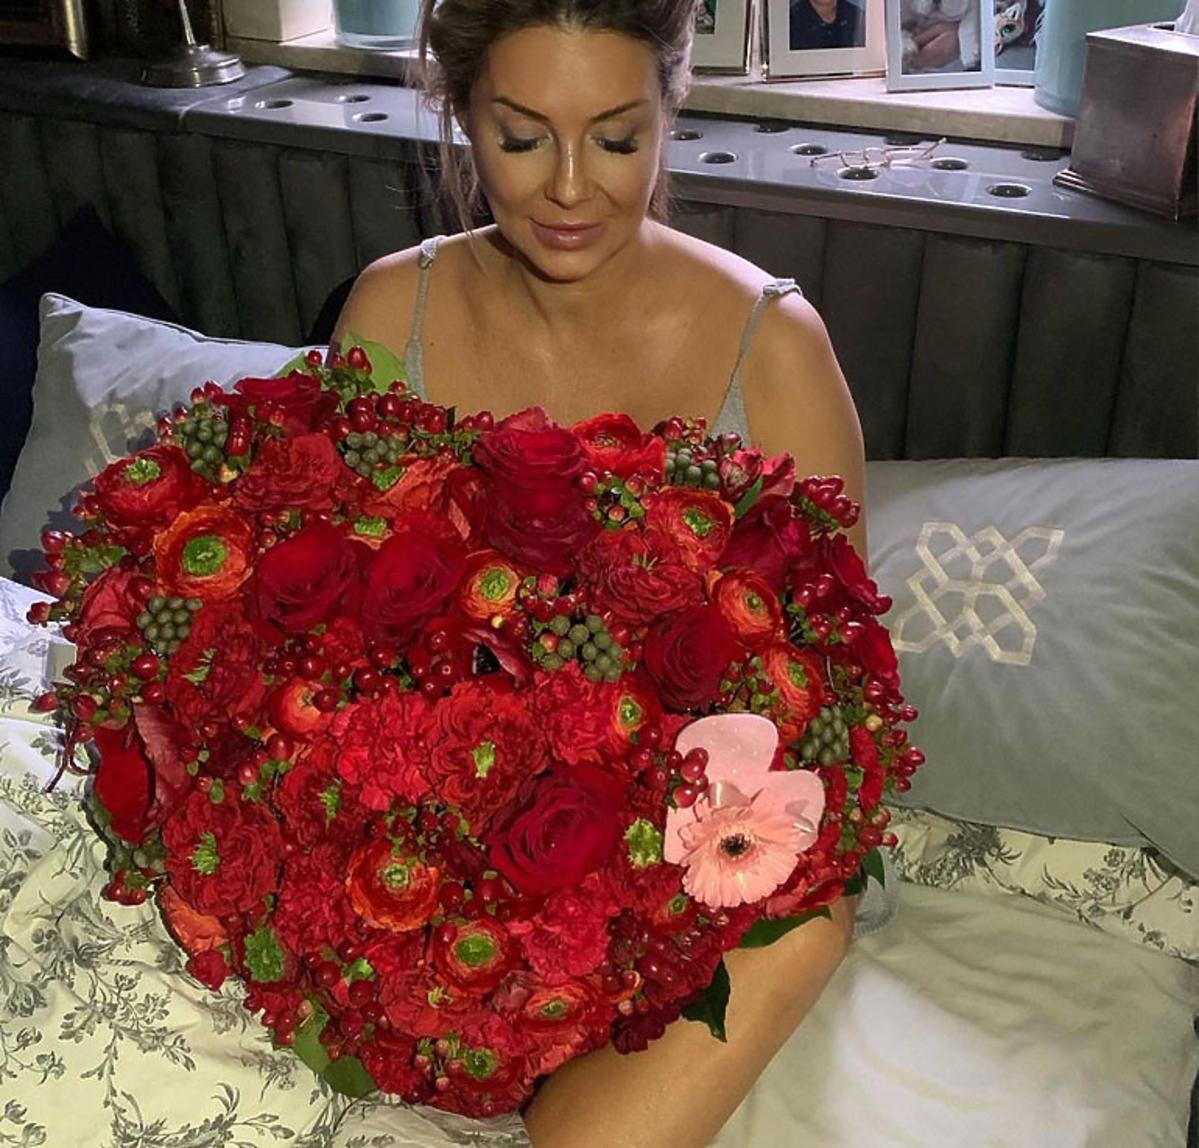 Małgorzata Rozenek z bukietem róż